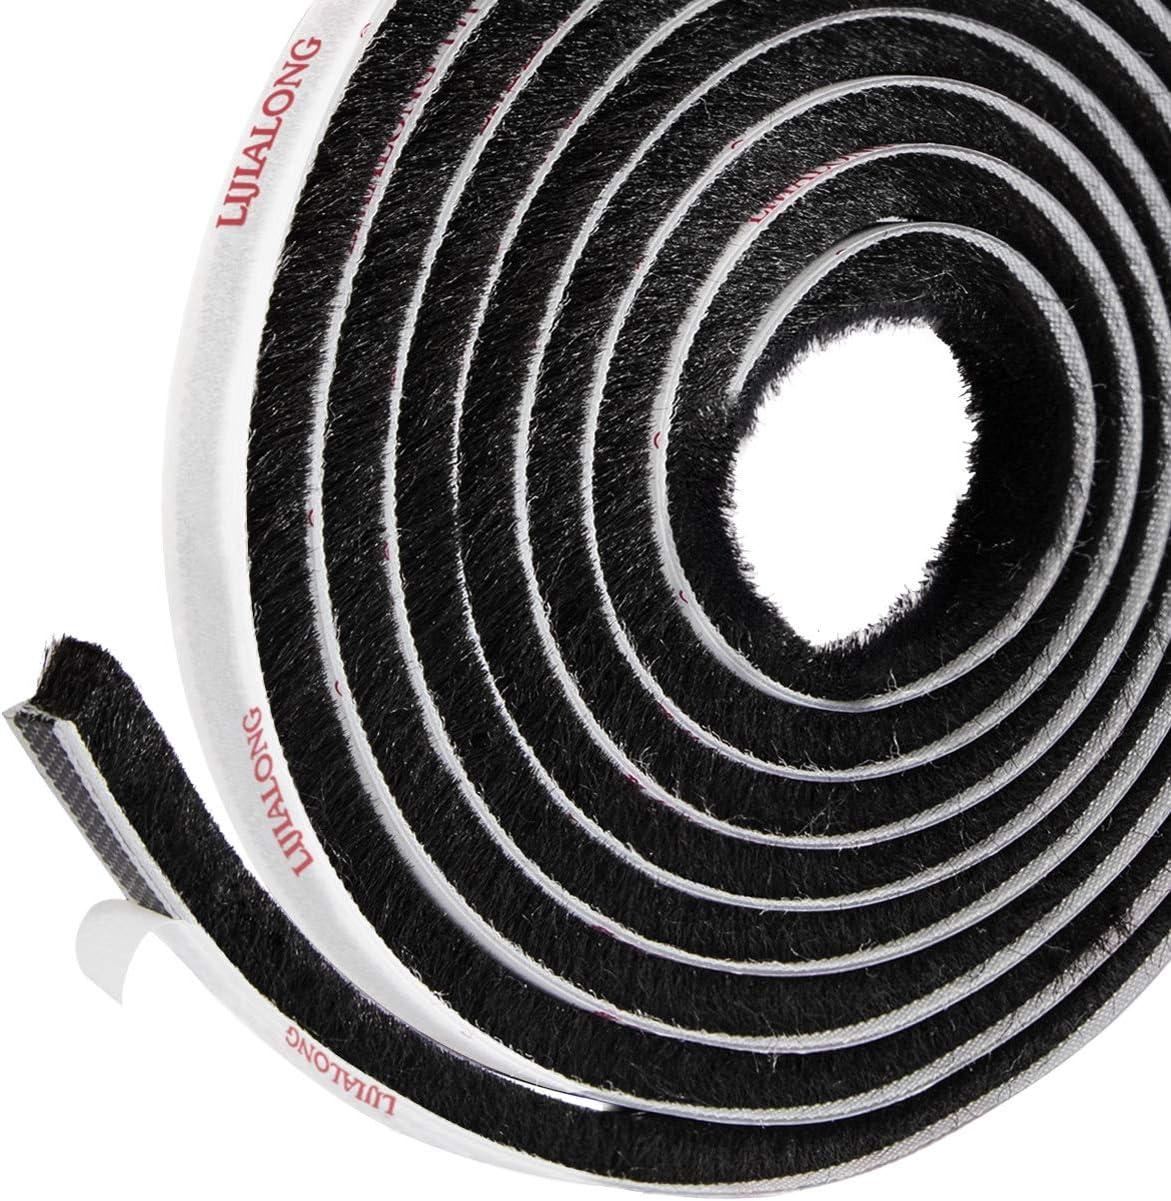 Sellado de cepillo autoadhesivo Burlete 4.9 m (L) x9 mm (W) x 9 mm (T) Tapón de aire de tiro Aire de alta densidad Excéntrico para puertas correderas Ventana y armario - Negro